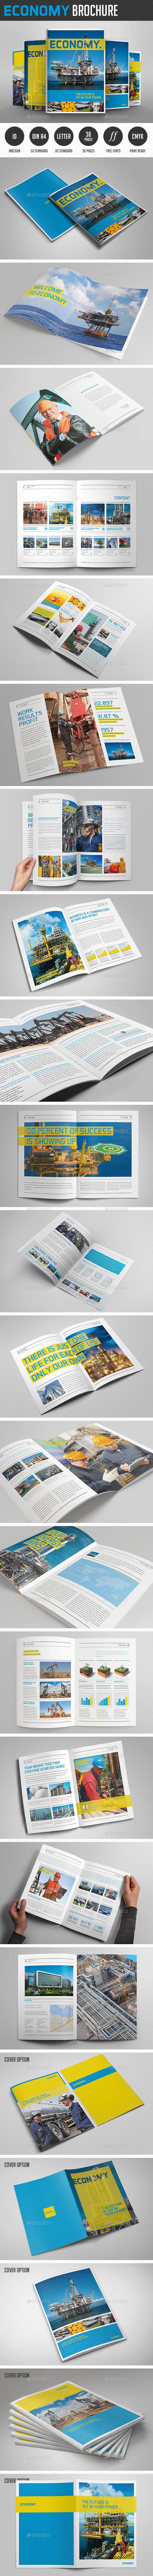 Economy Brochure - Corporate Brochures